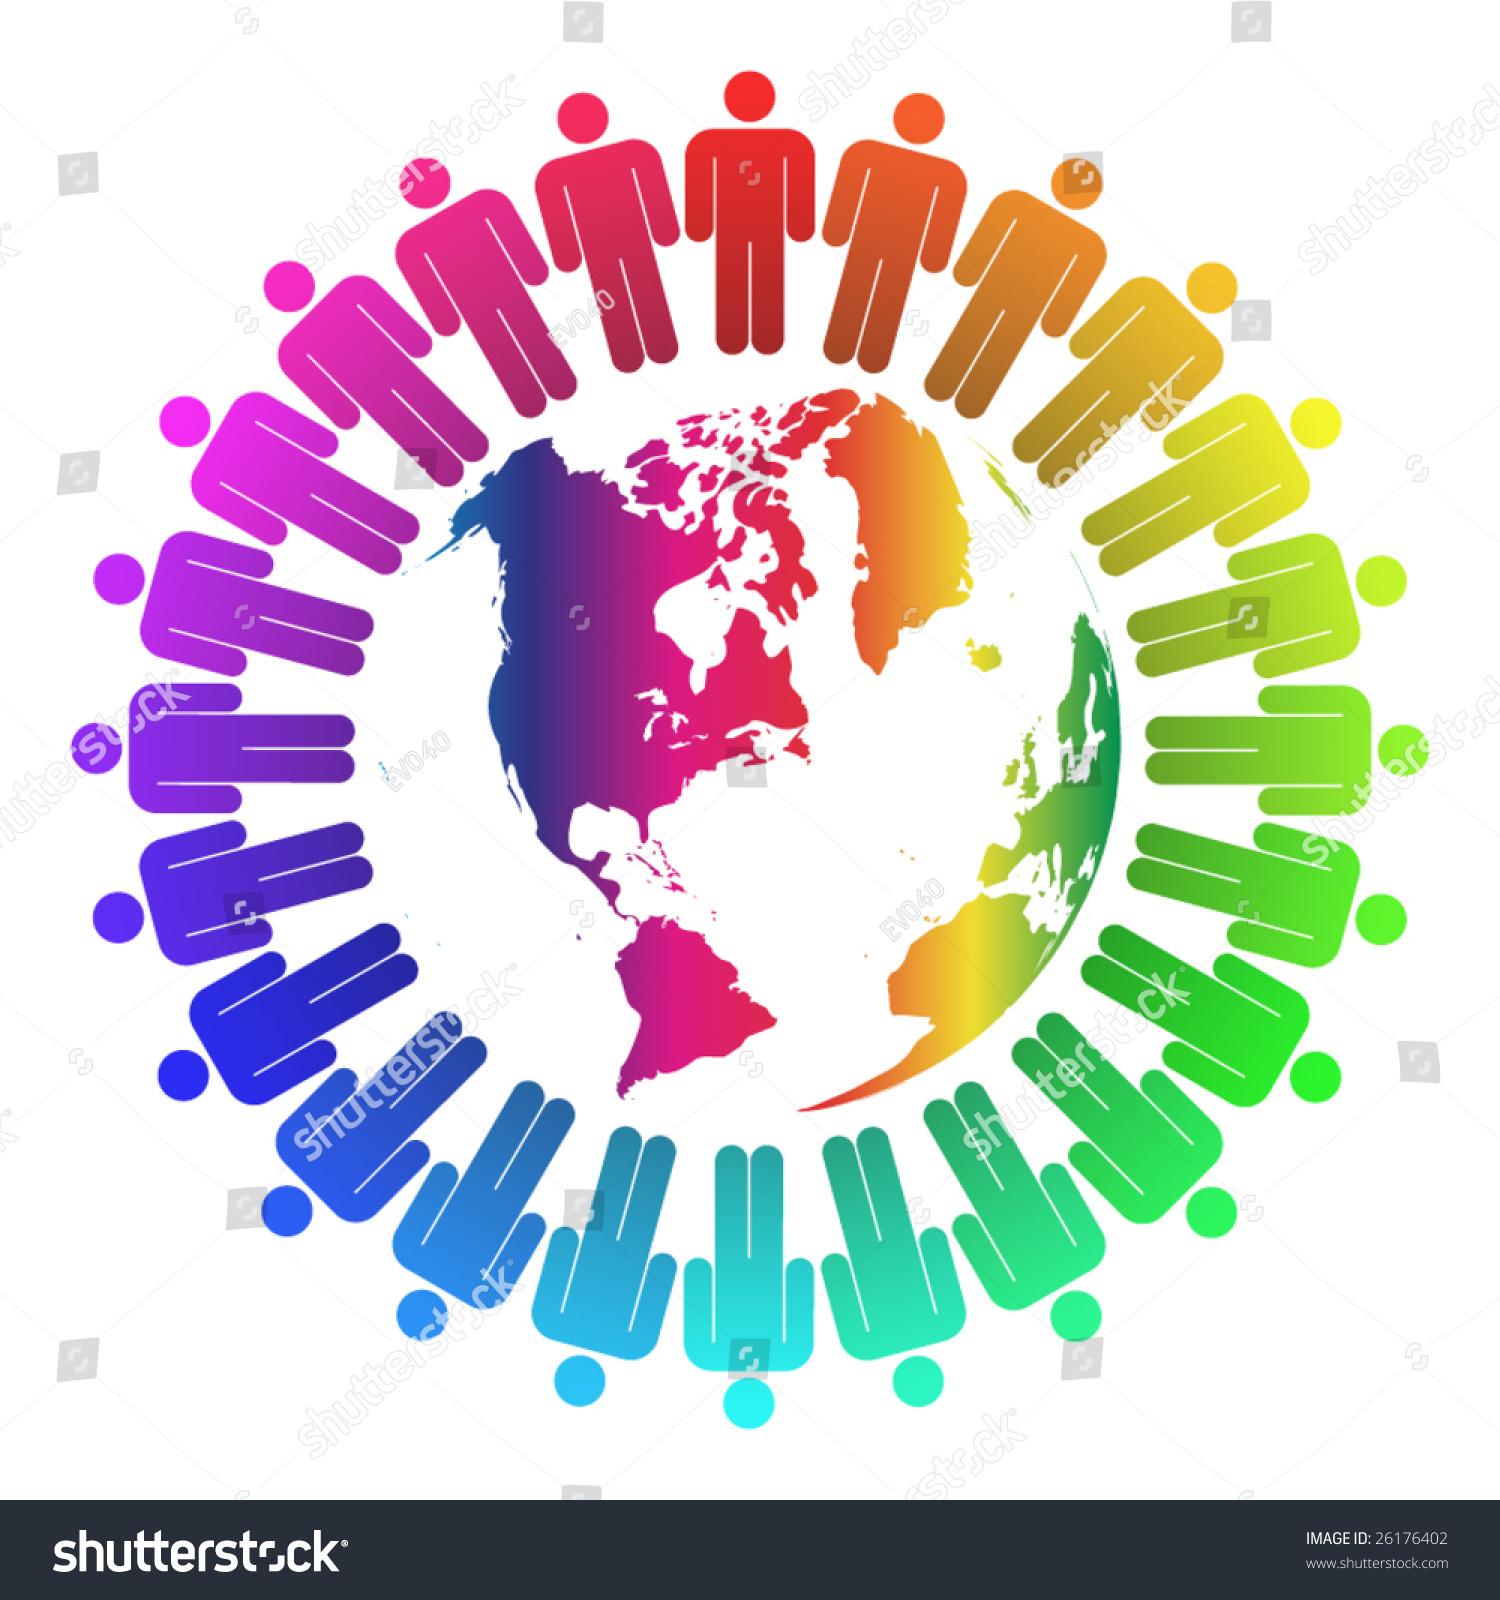 meet friends online from around the world